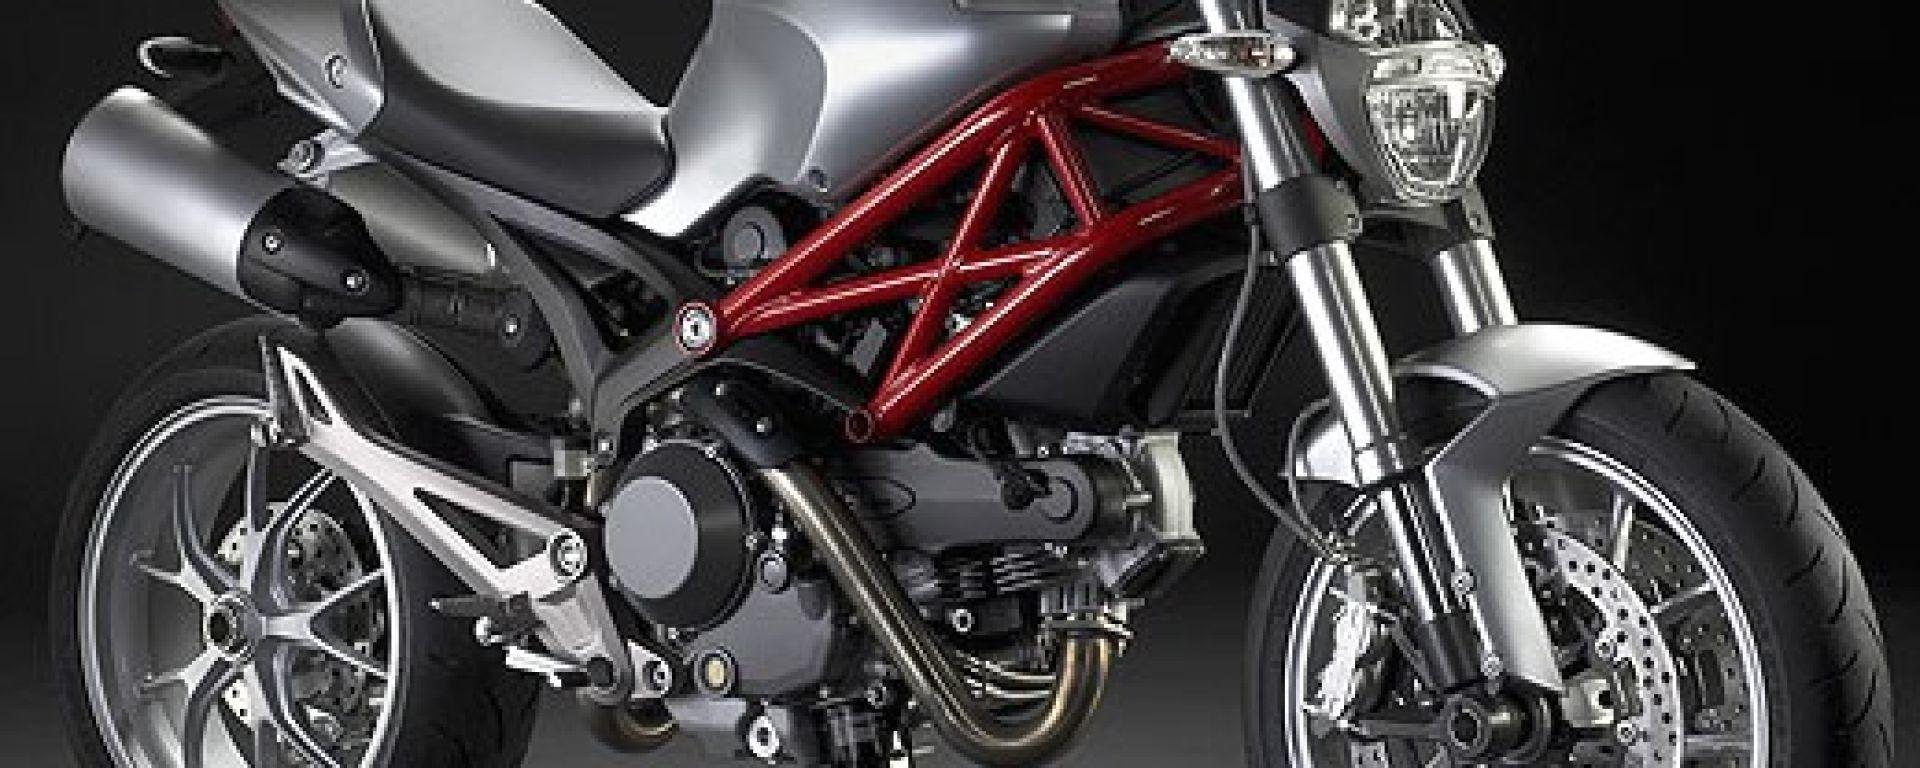 Ducati Monster 1100 09